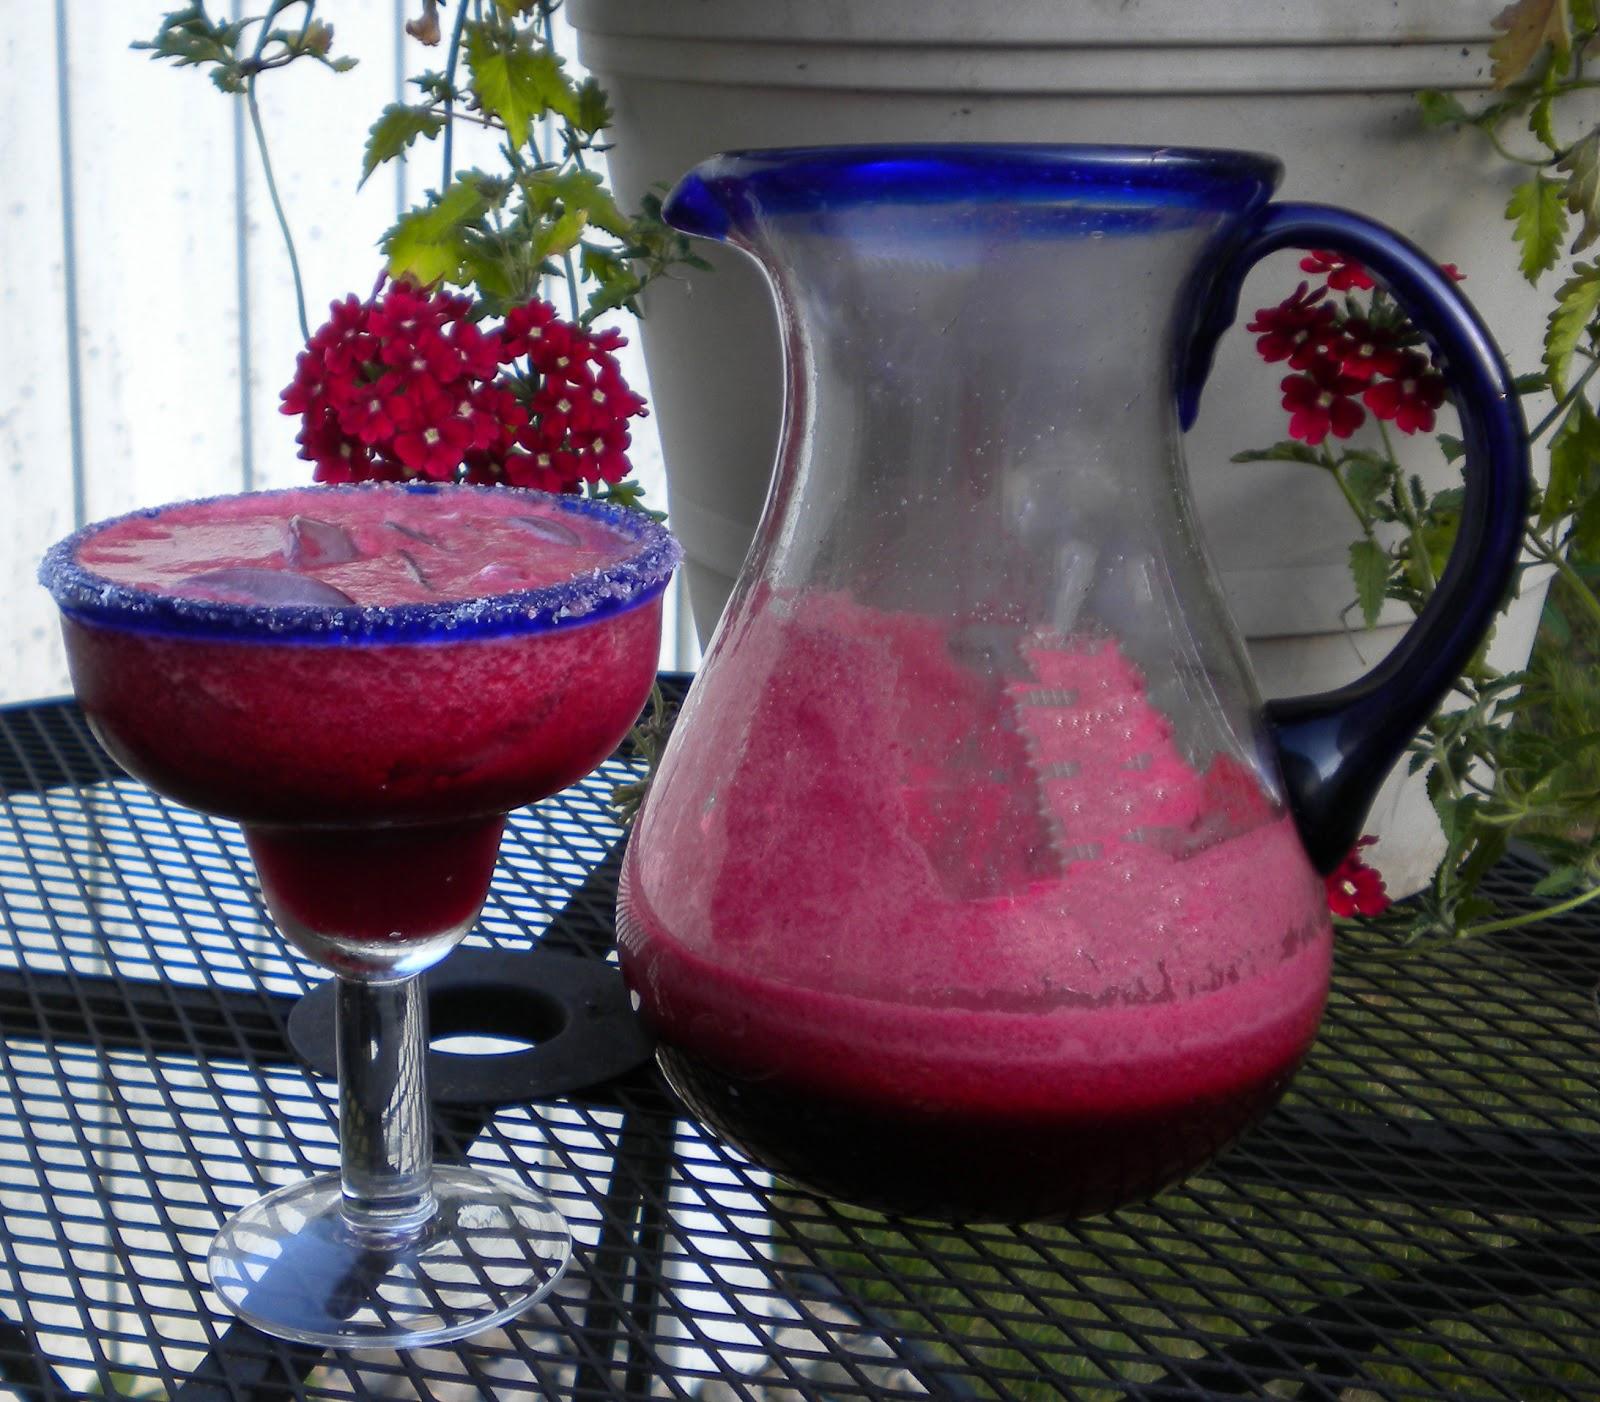 Banshee Sports: Cooking with Banshee: Blackberry Margarita